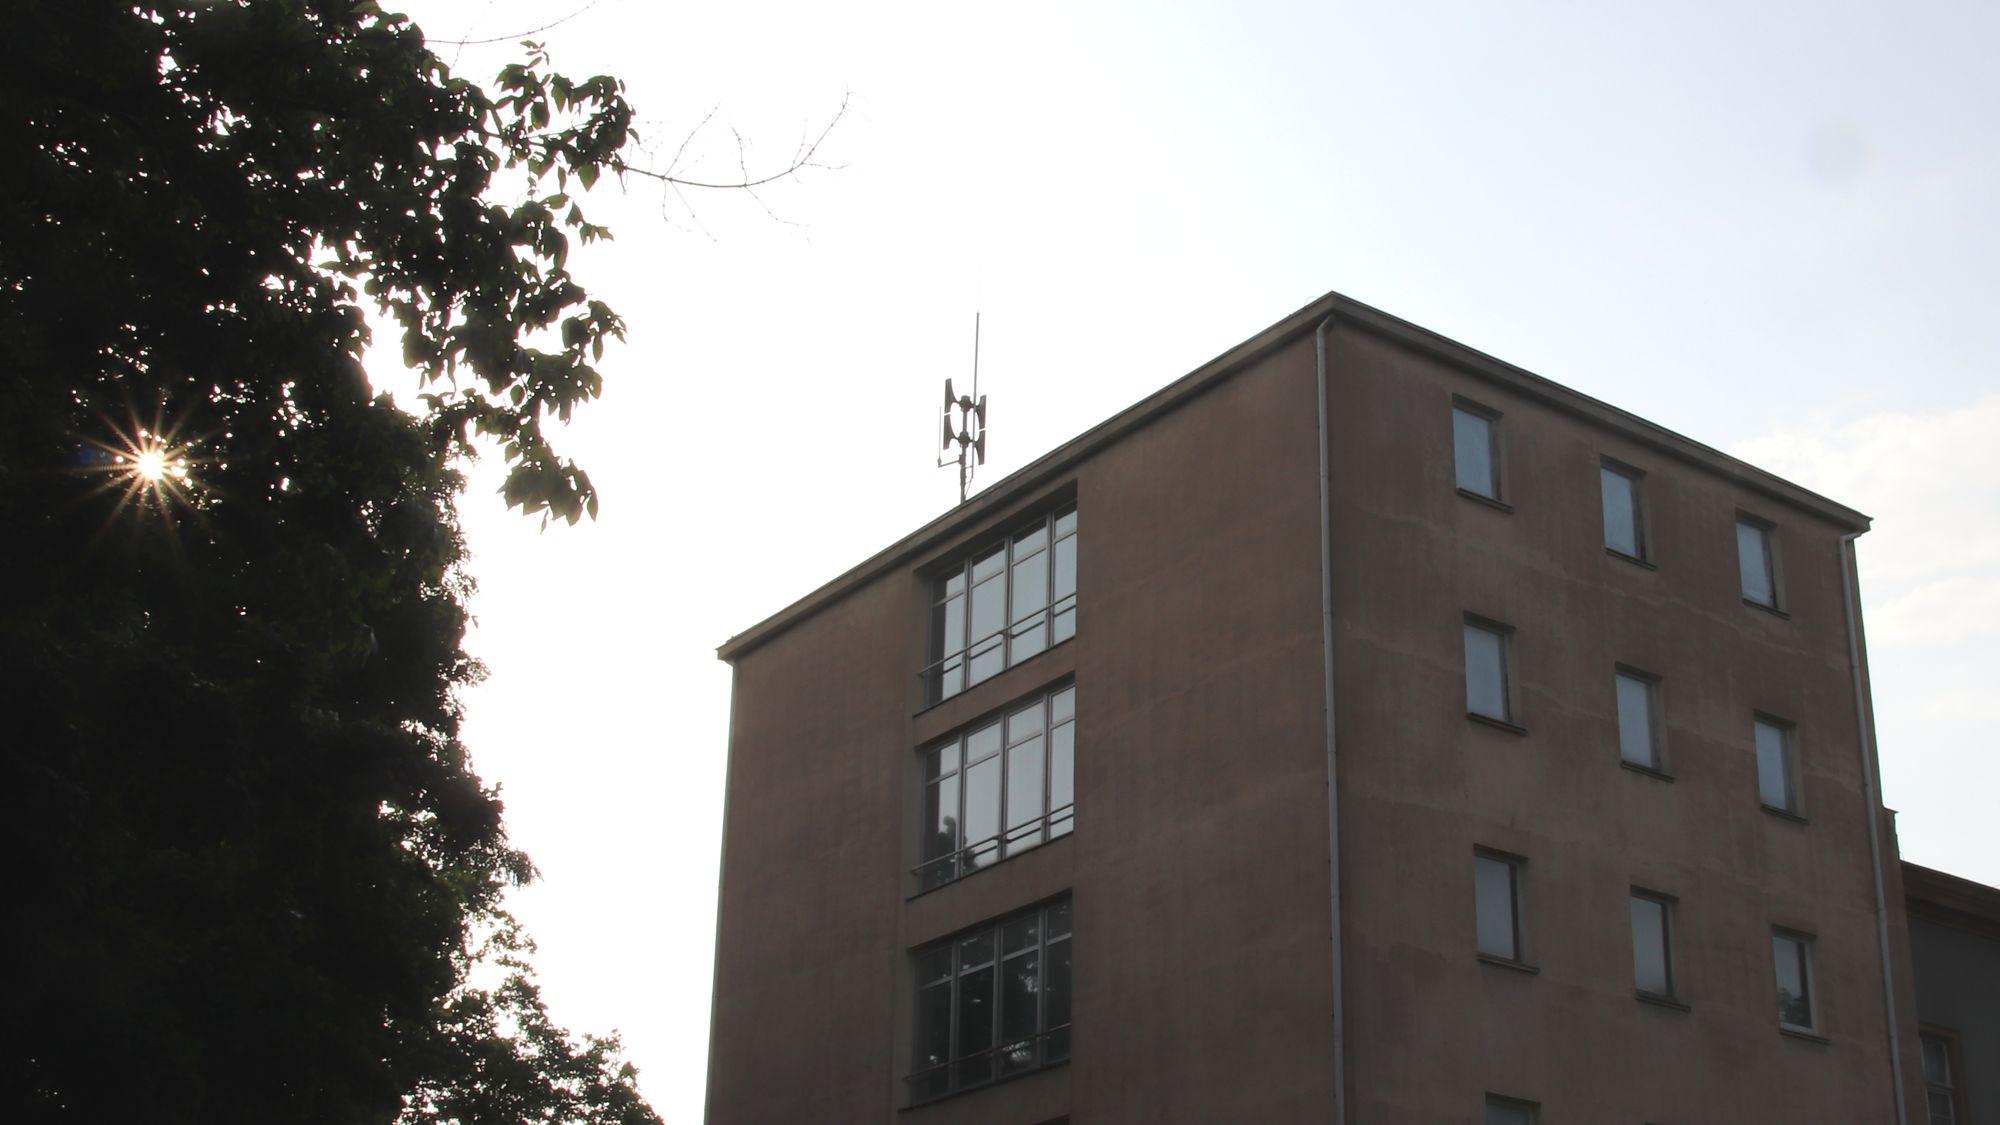 Sirene auf dem Dach des alten Archivs an der Marienallee